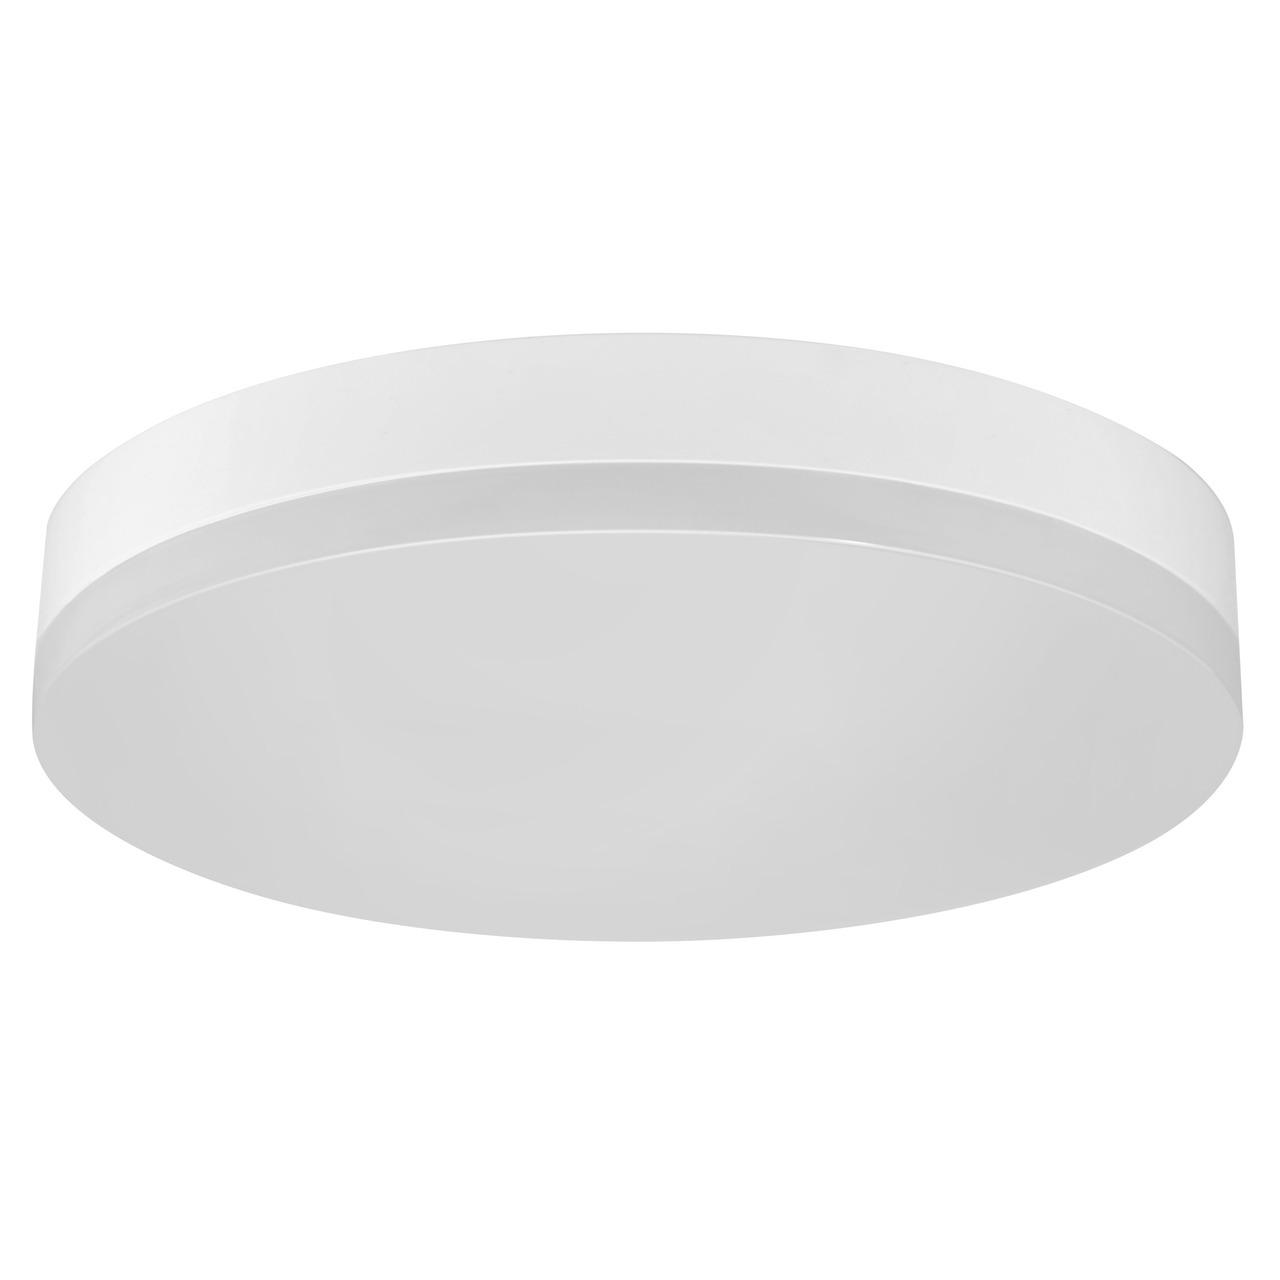 Müller Licht 24-W-LED-Deckenleuchte Office Round Sensor mit HF-Bewegungsmelder- warmweiss